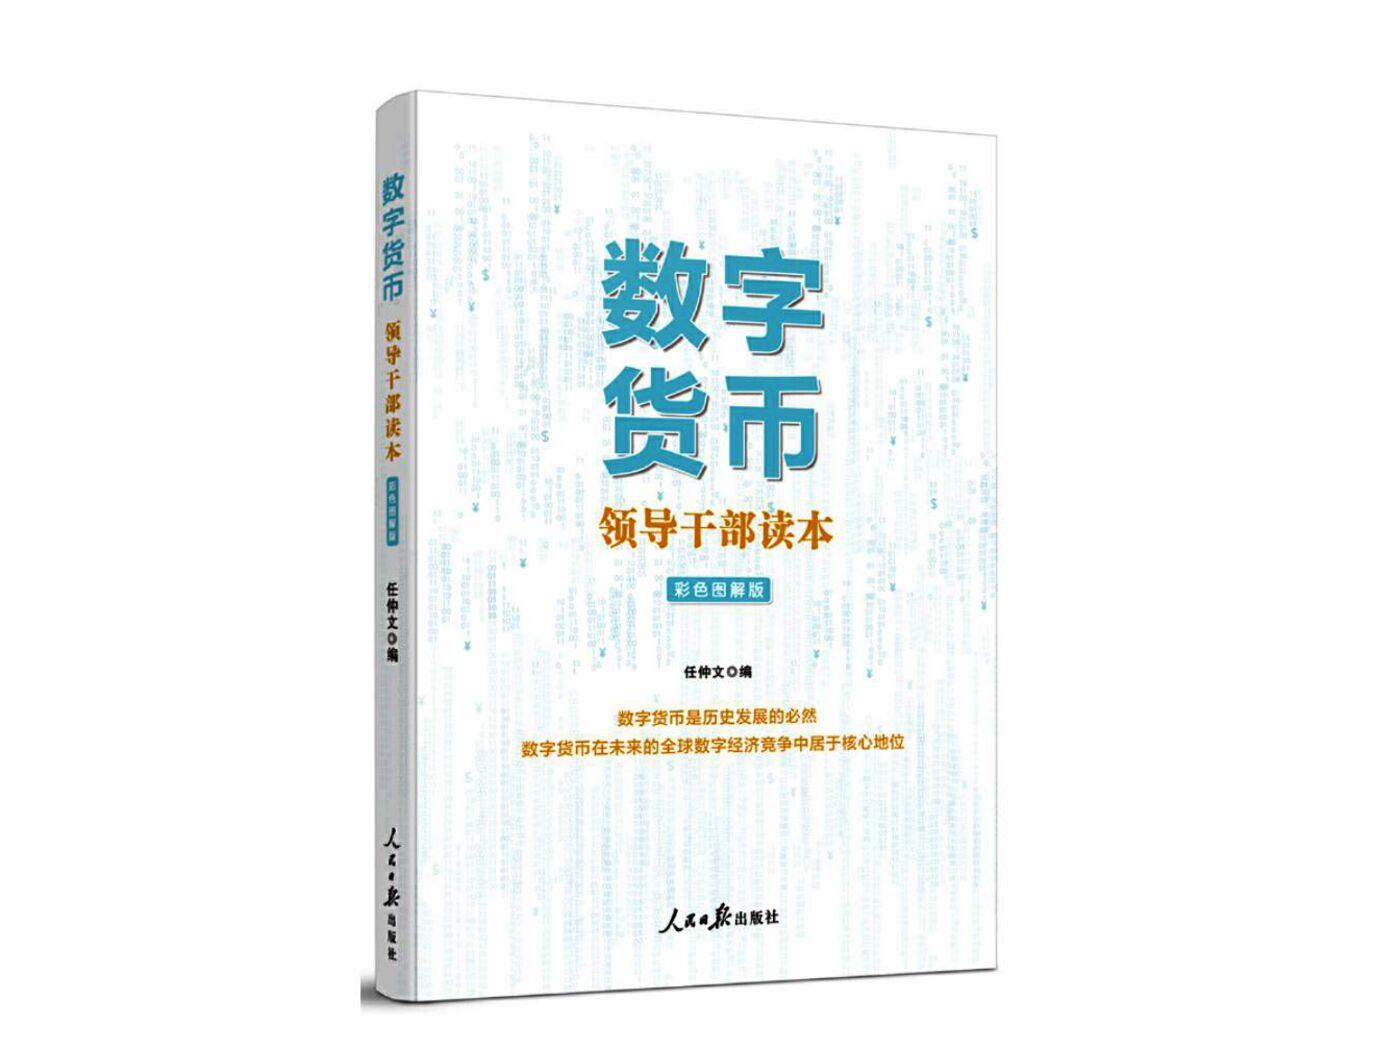 「幹部のデジタル通貨」に関連する:共産主義の教科書がヒットすることを証明